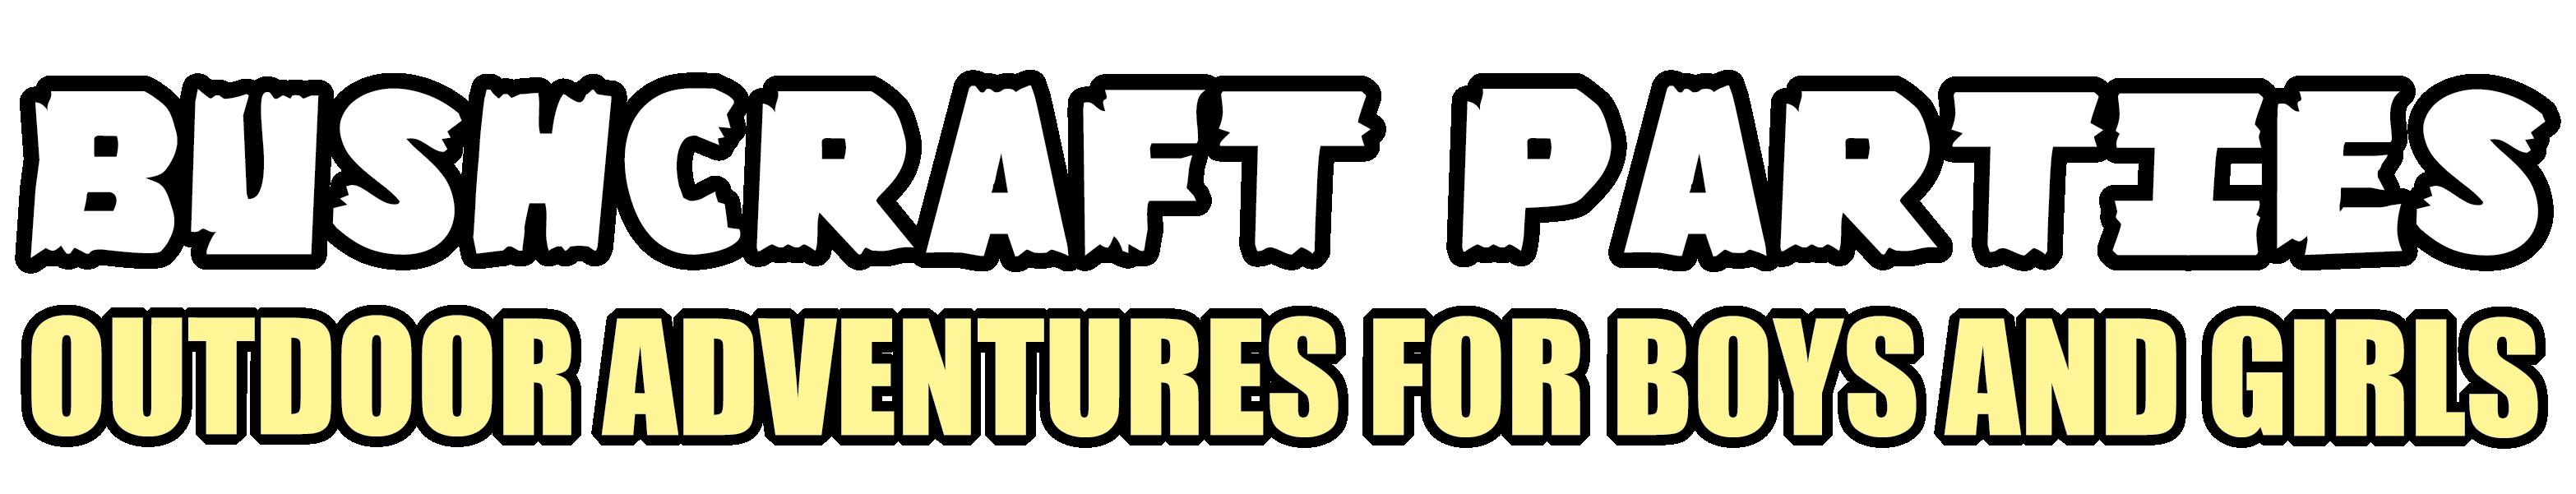 bushcraft web logo